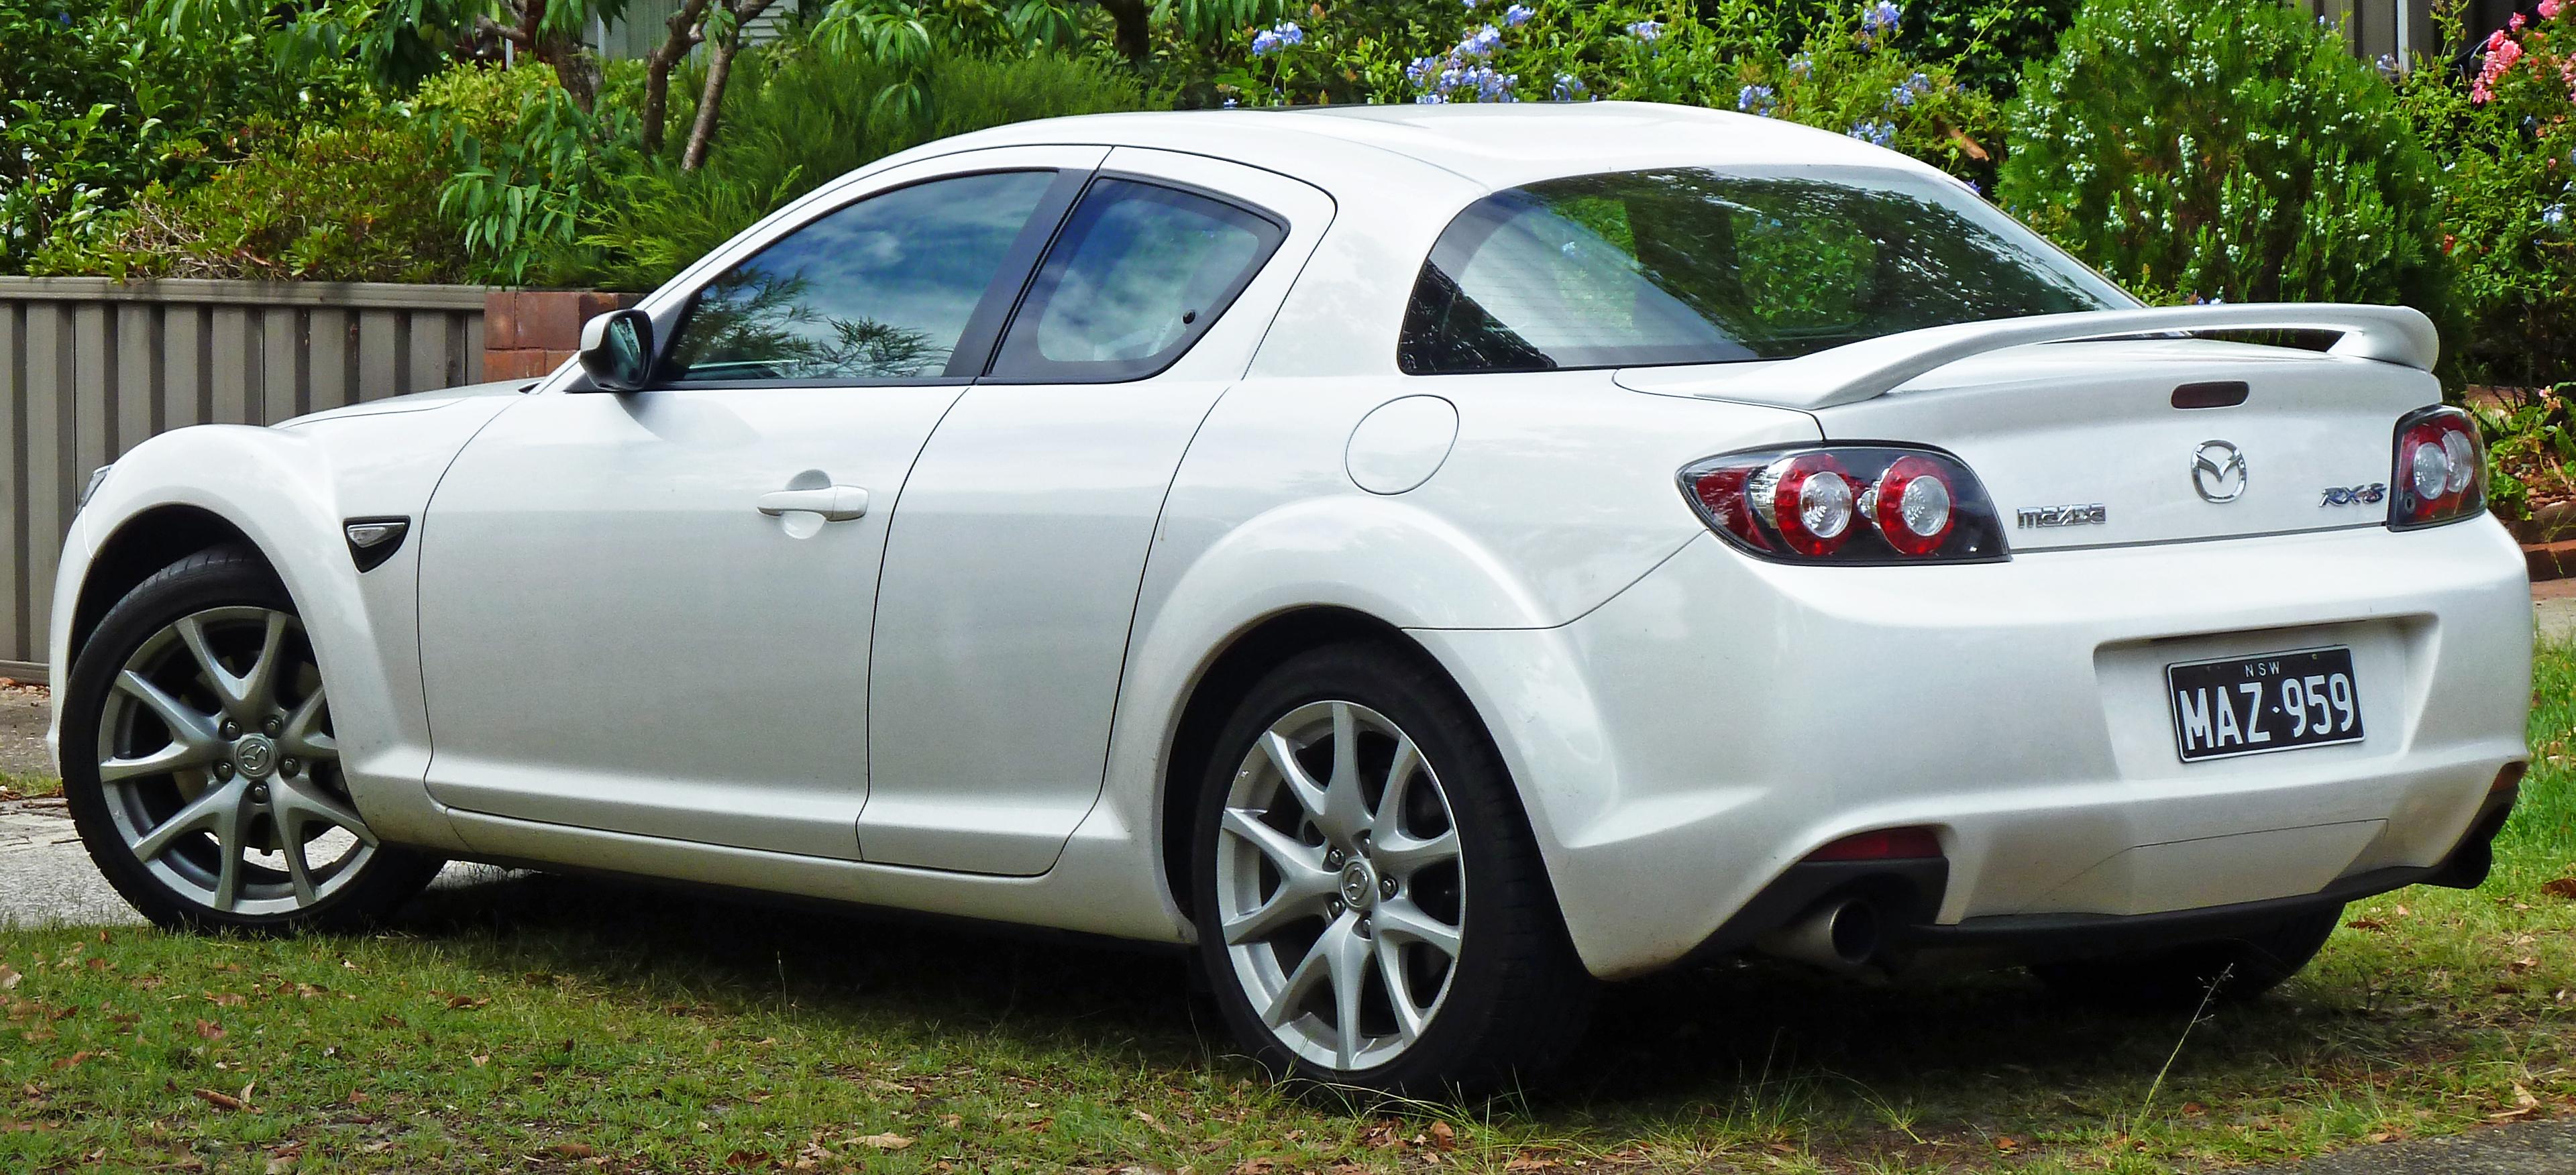 file:2008-2010 mazda rx-8 (fe series 2) coupe (2010-12-28)